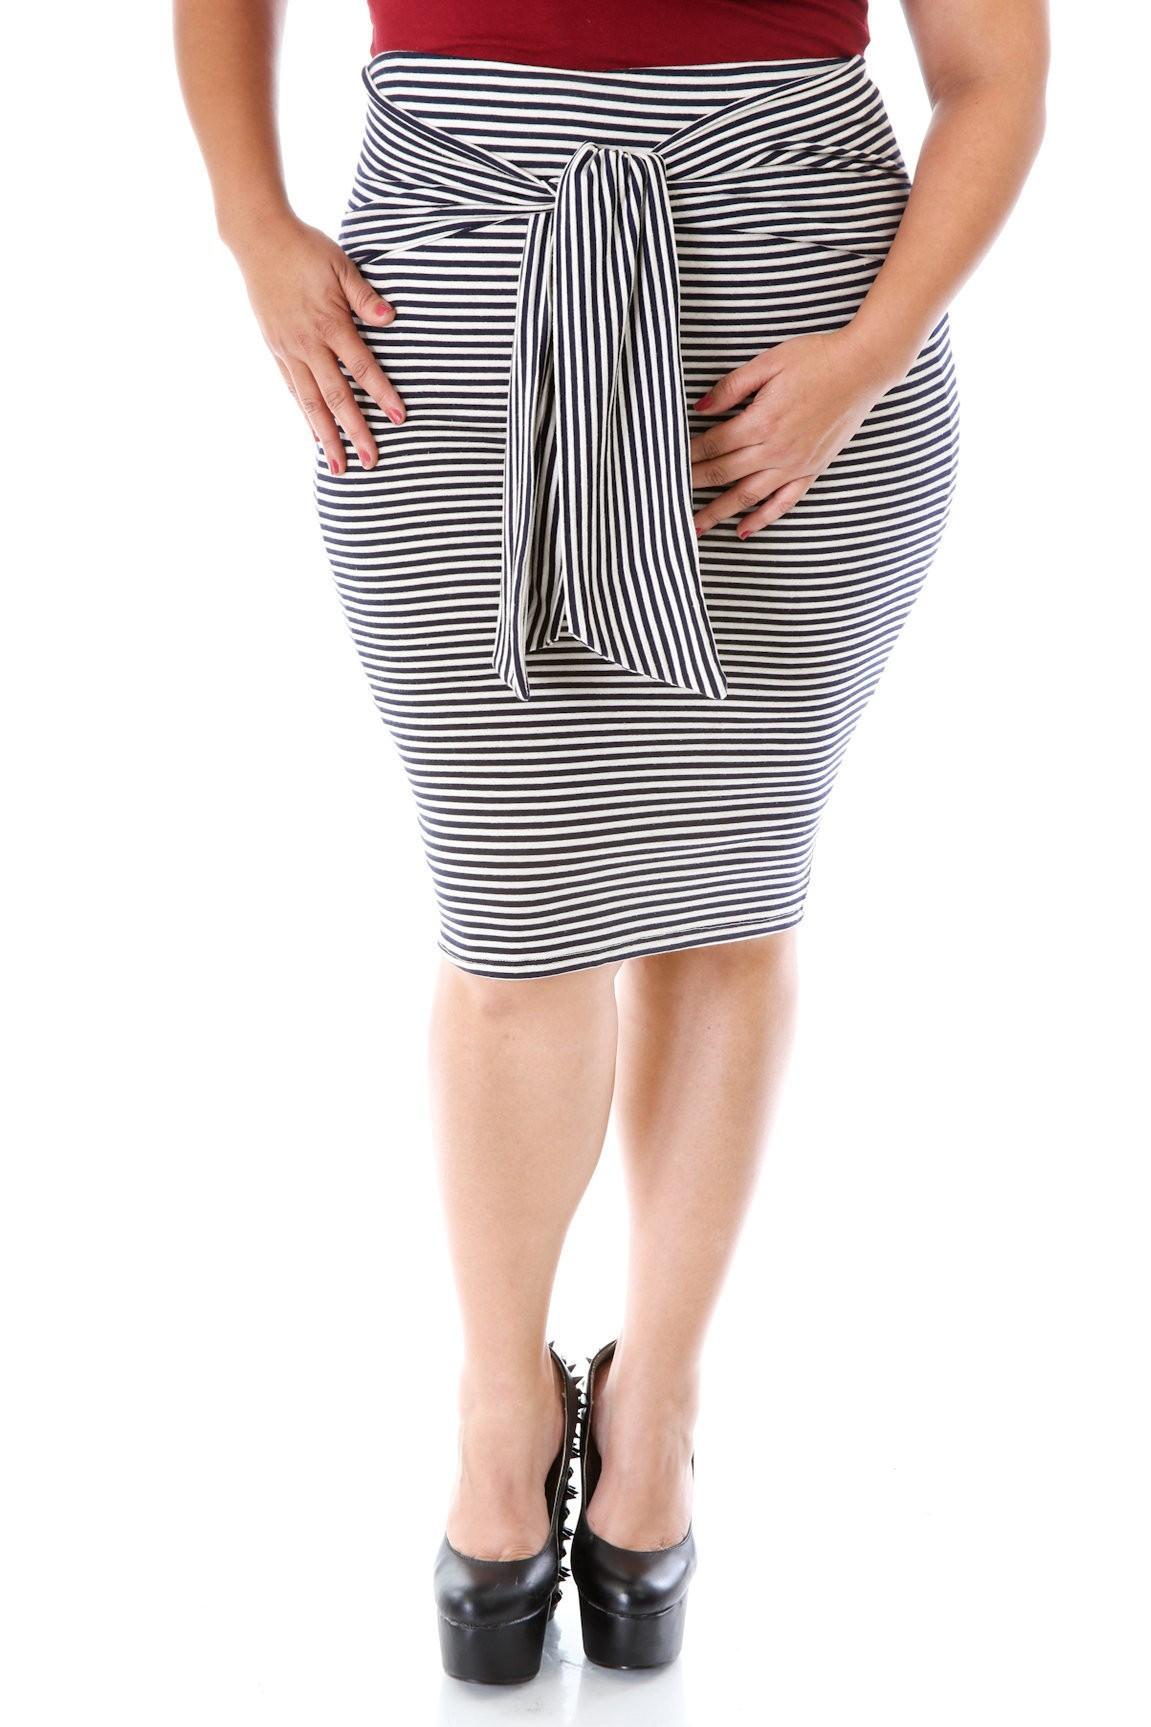 Tie Me Down Skirt